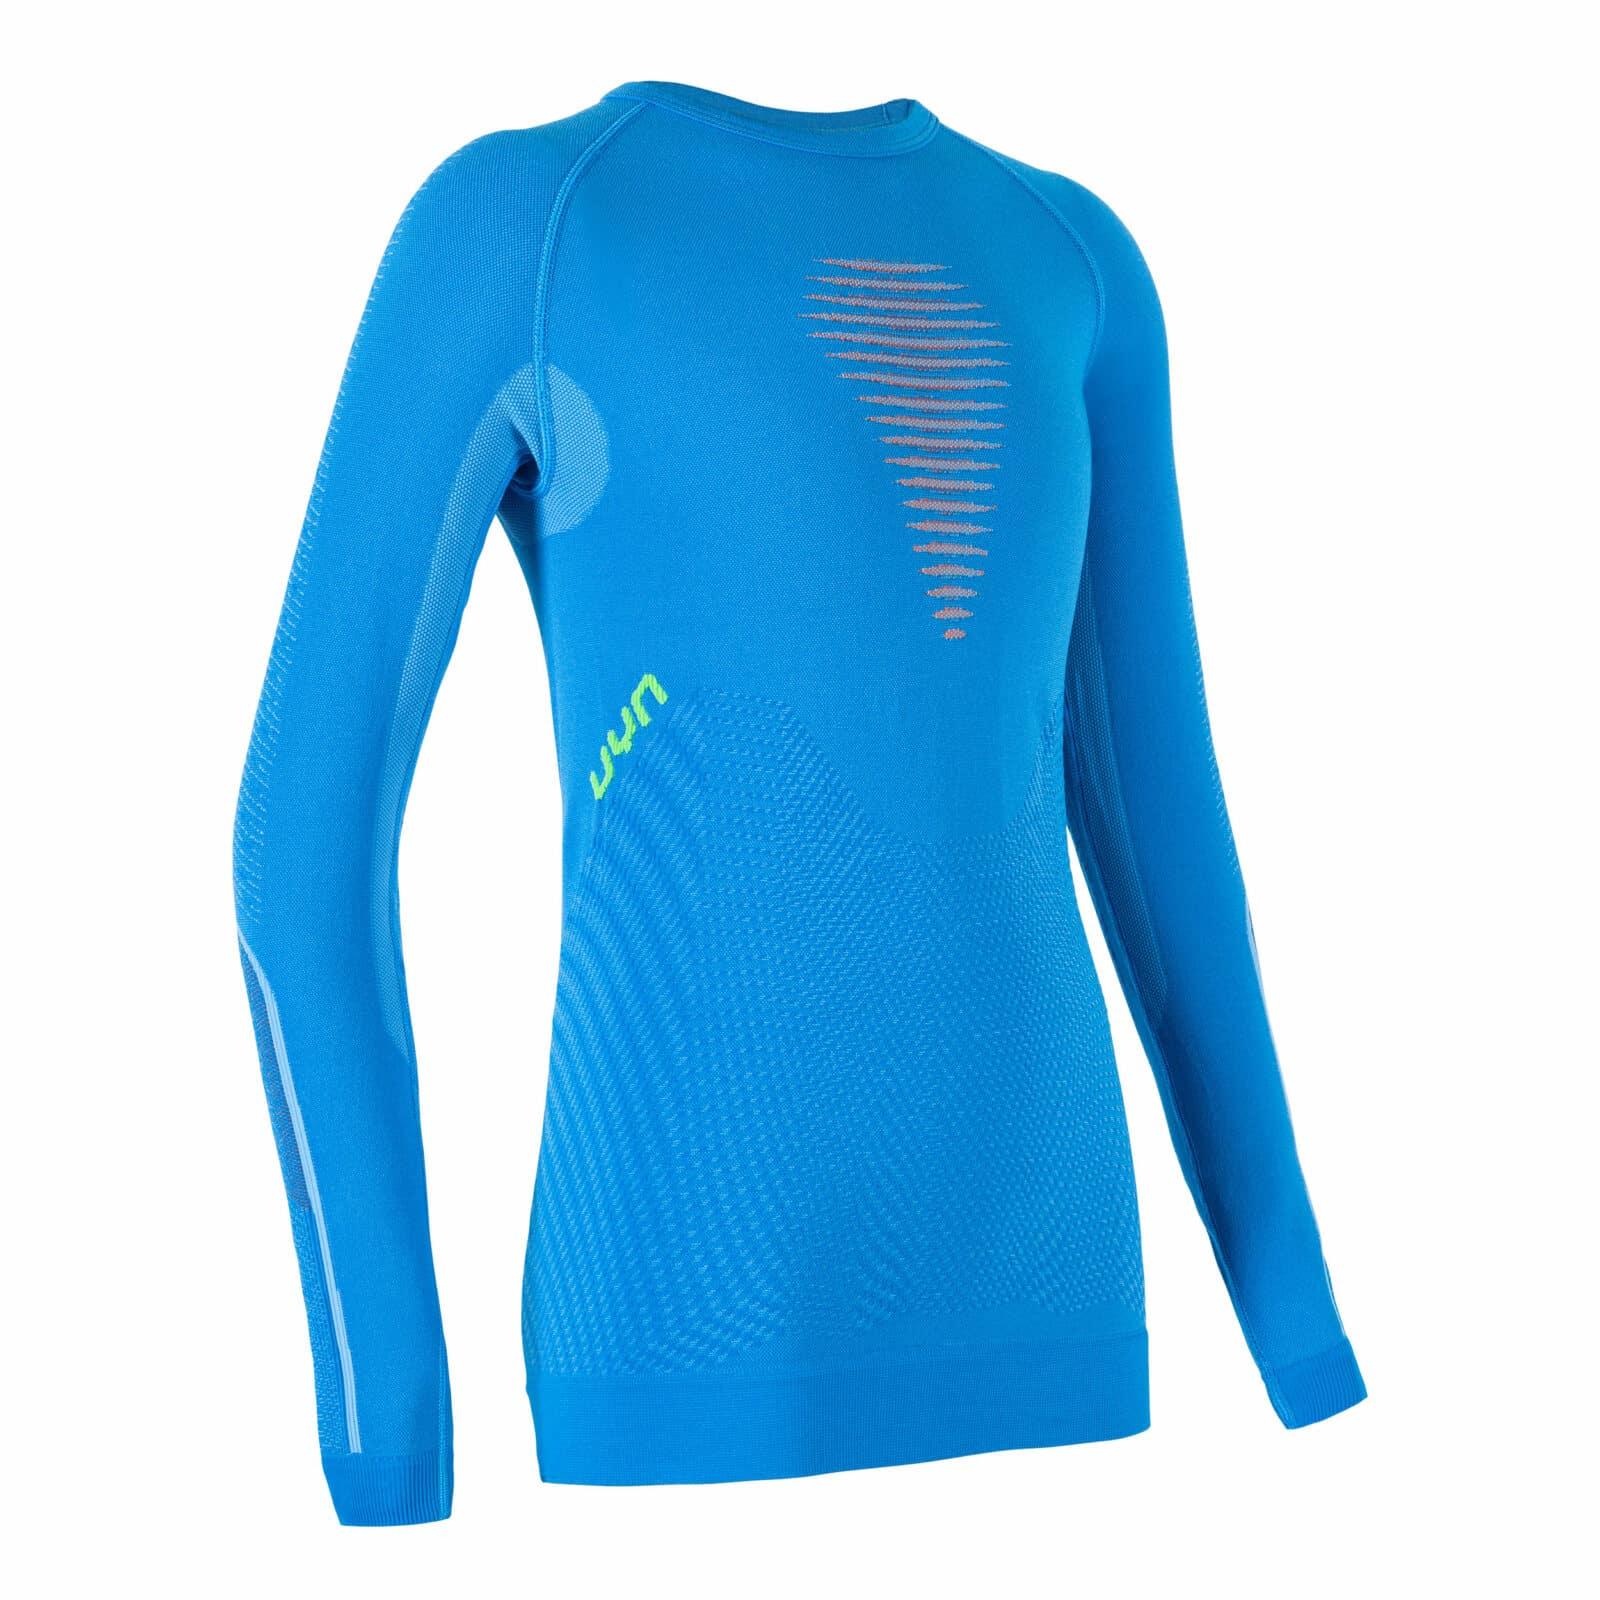 Skibuy.at - UYN Visyon Shirt